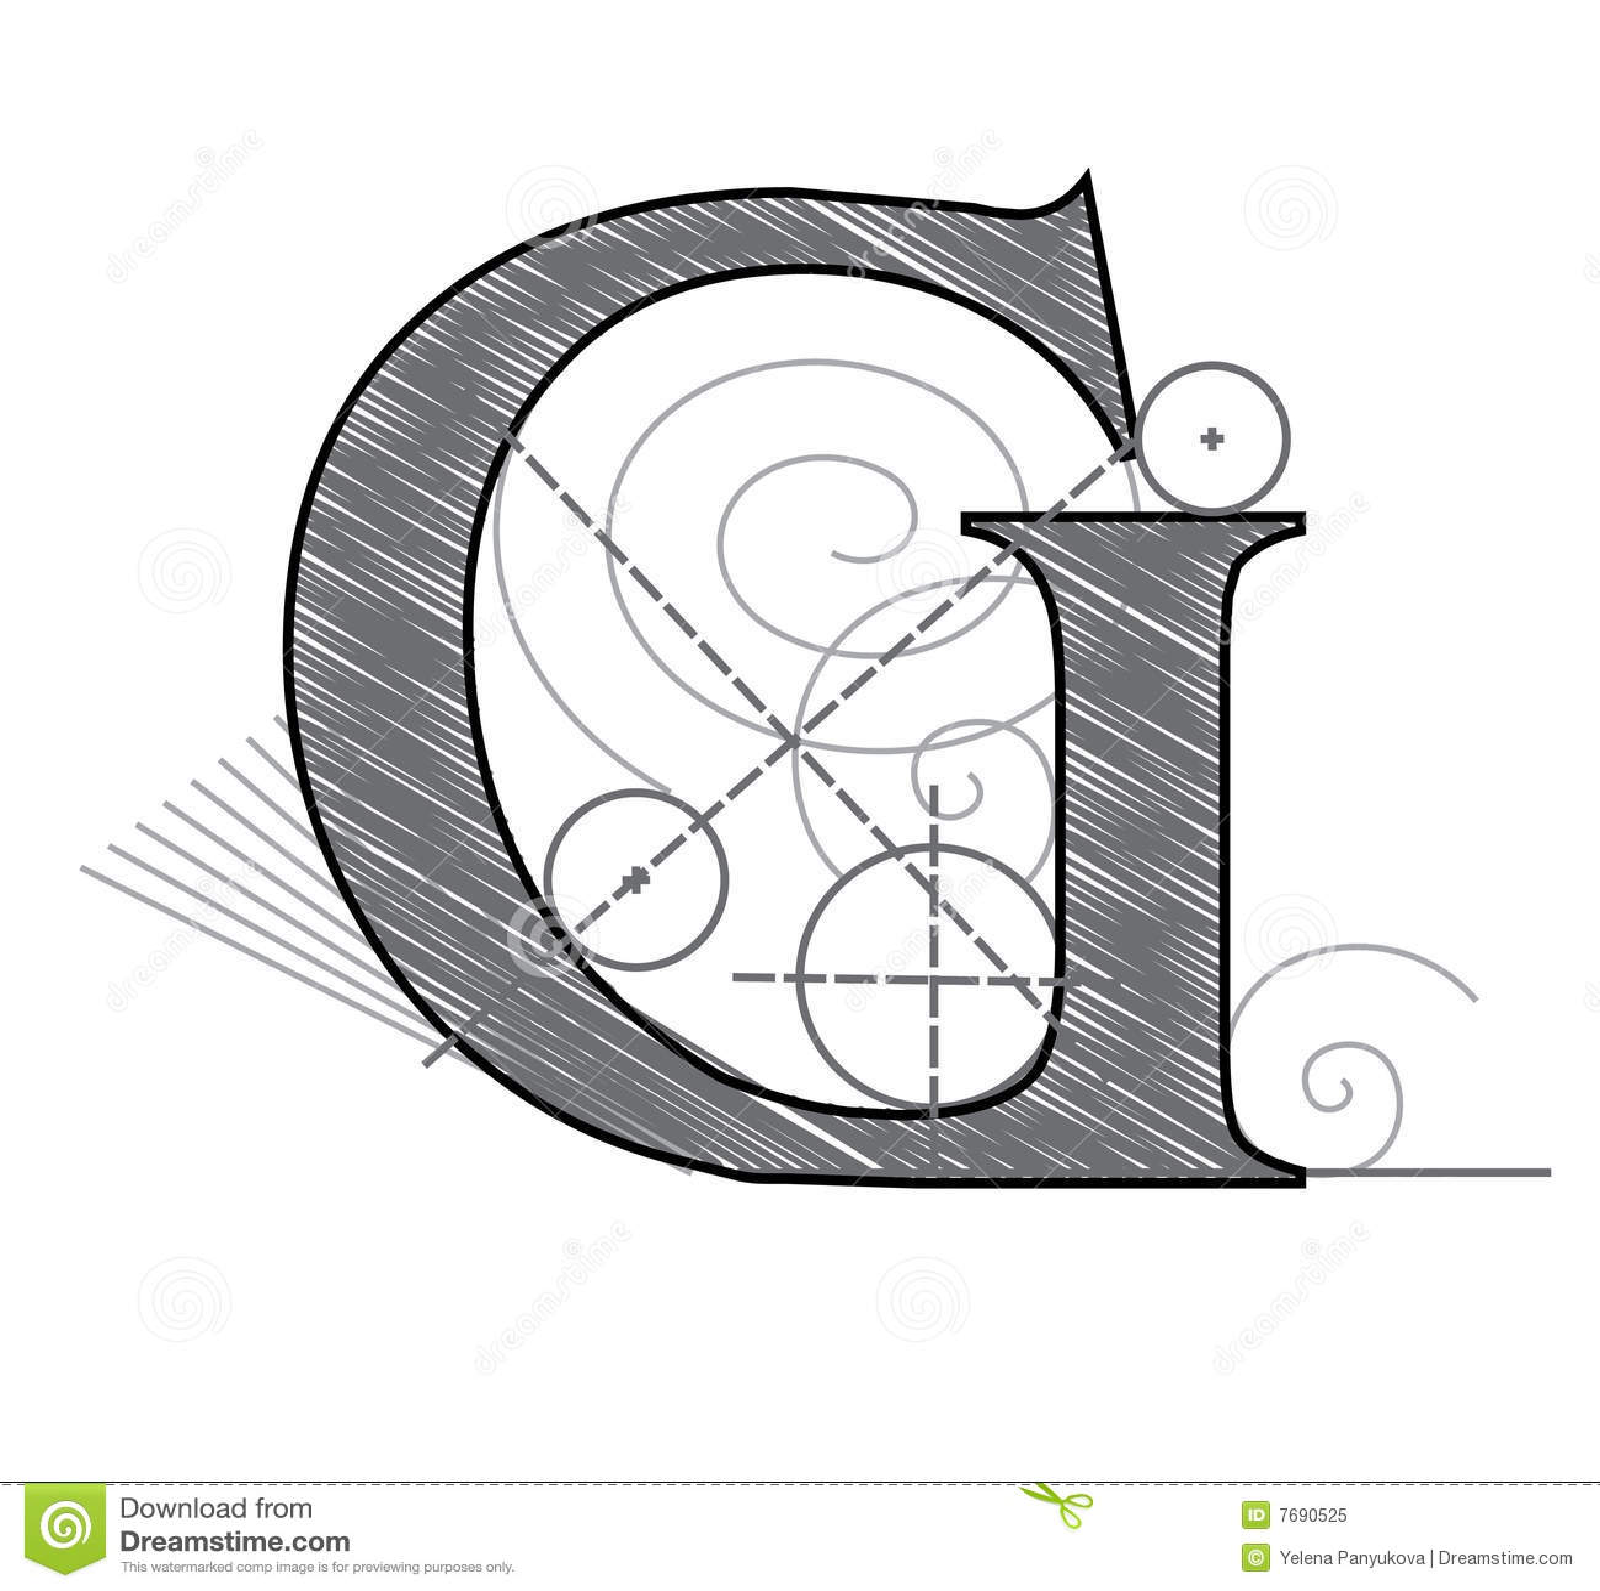 Palabras con la letra g ~ G - Ejemplos | Imagenes